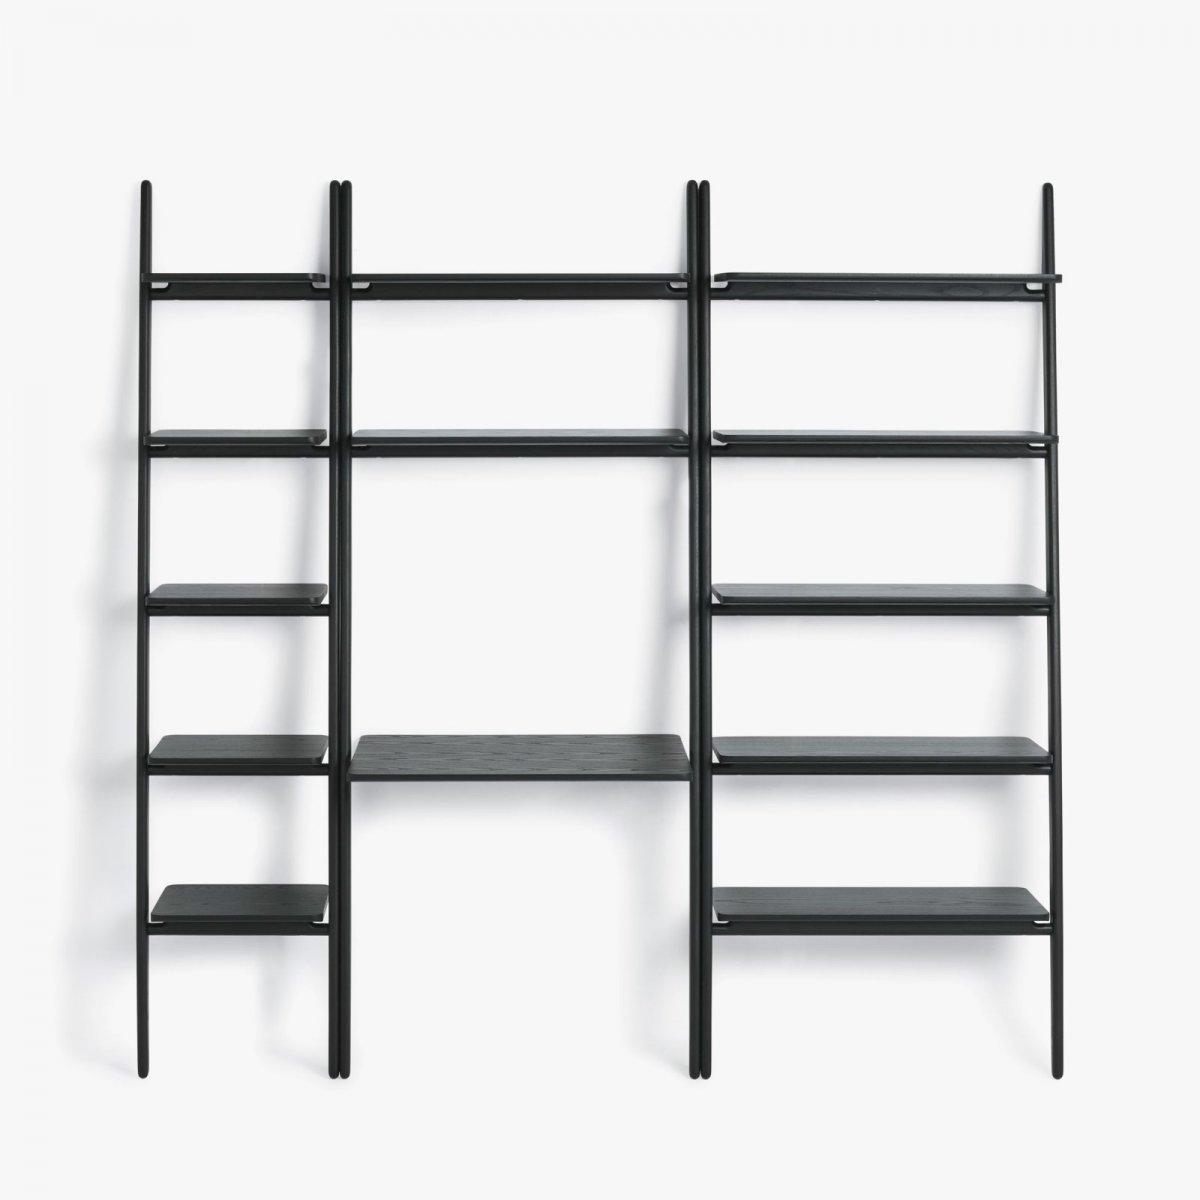 Folk Ladder Shelving & Desk Shelving, black.